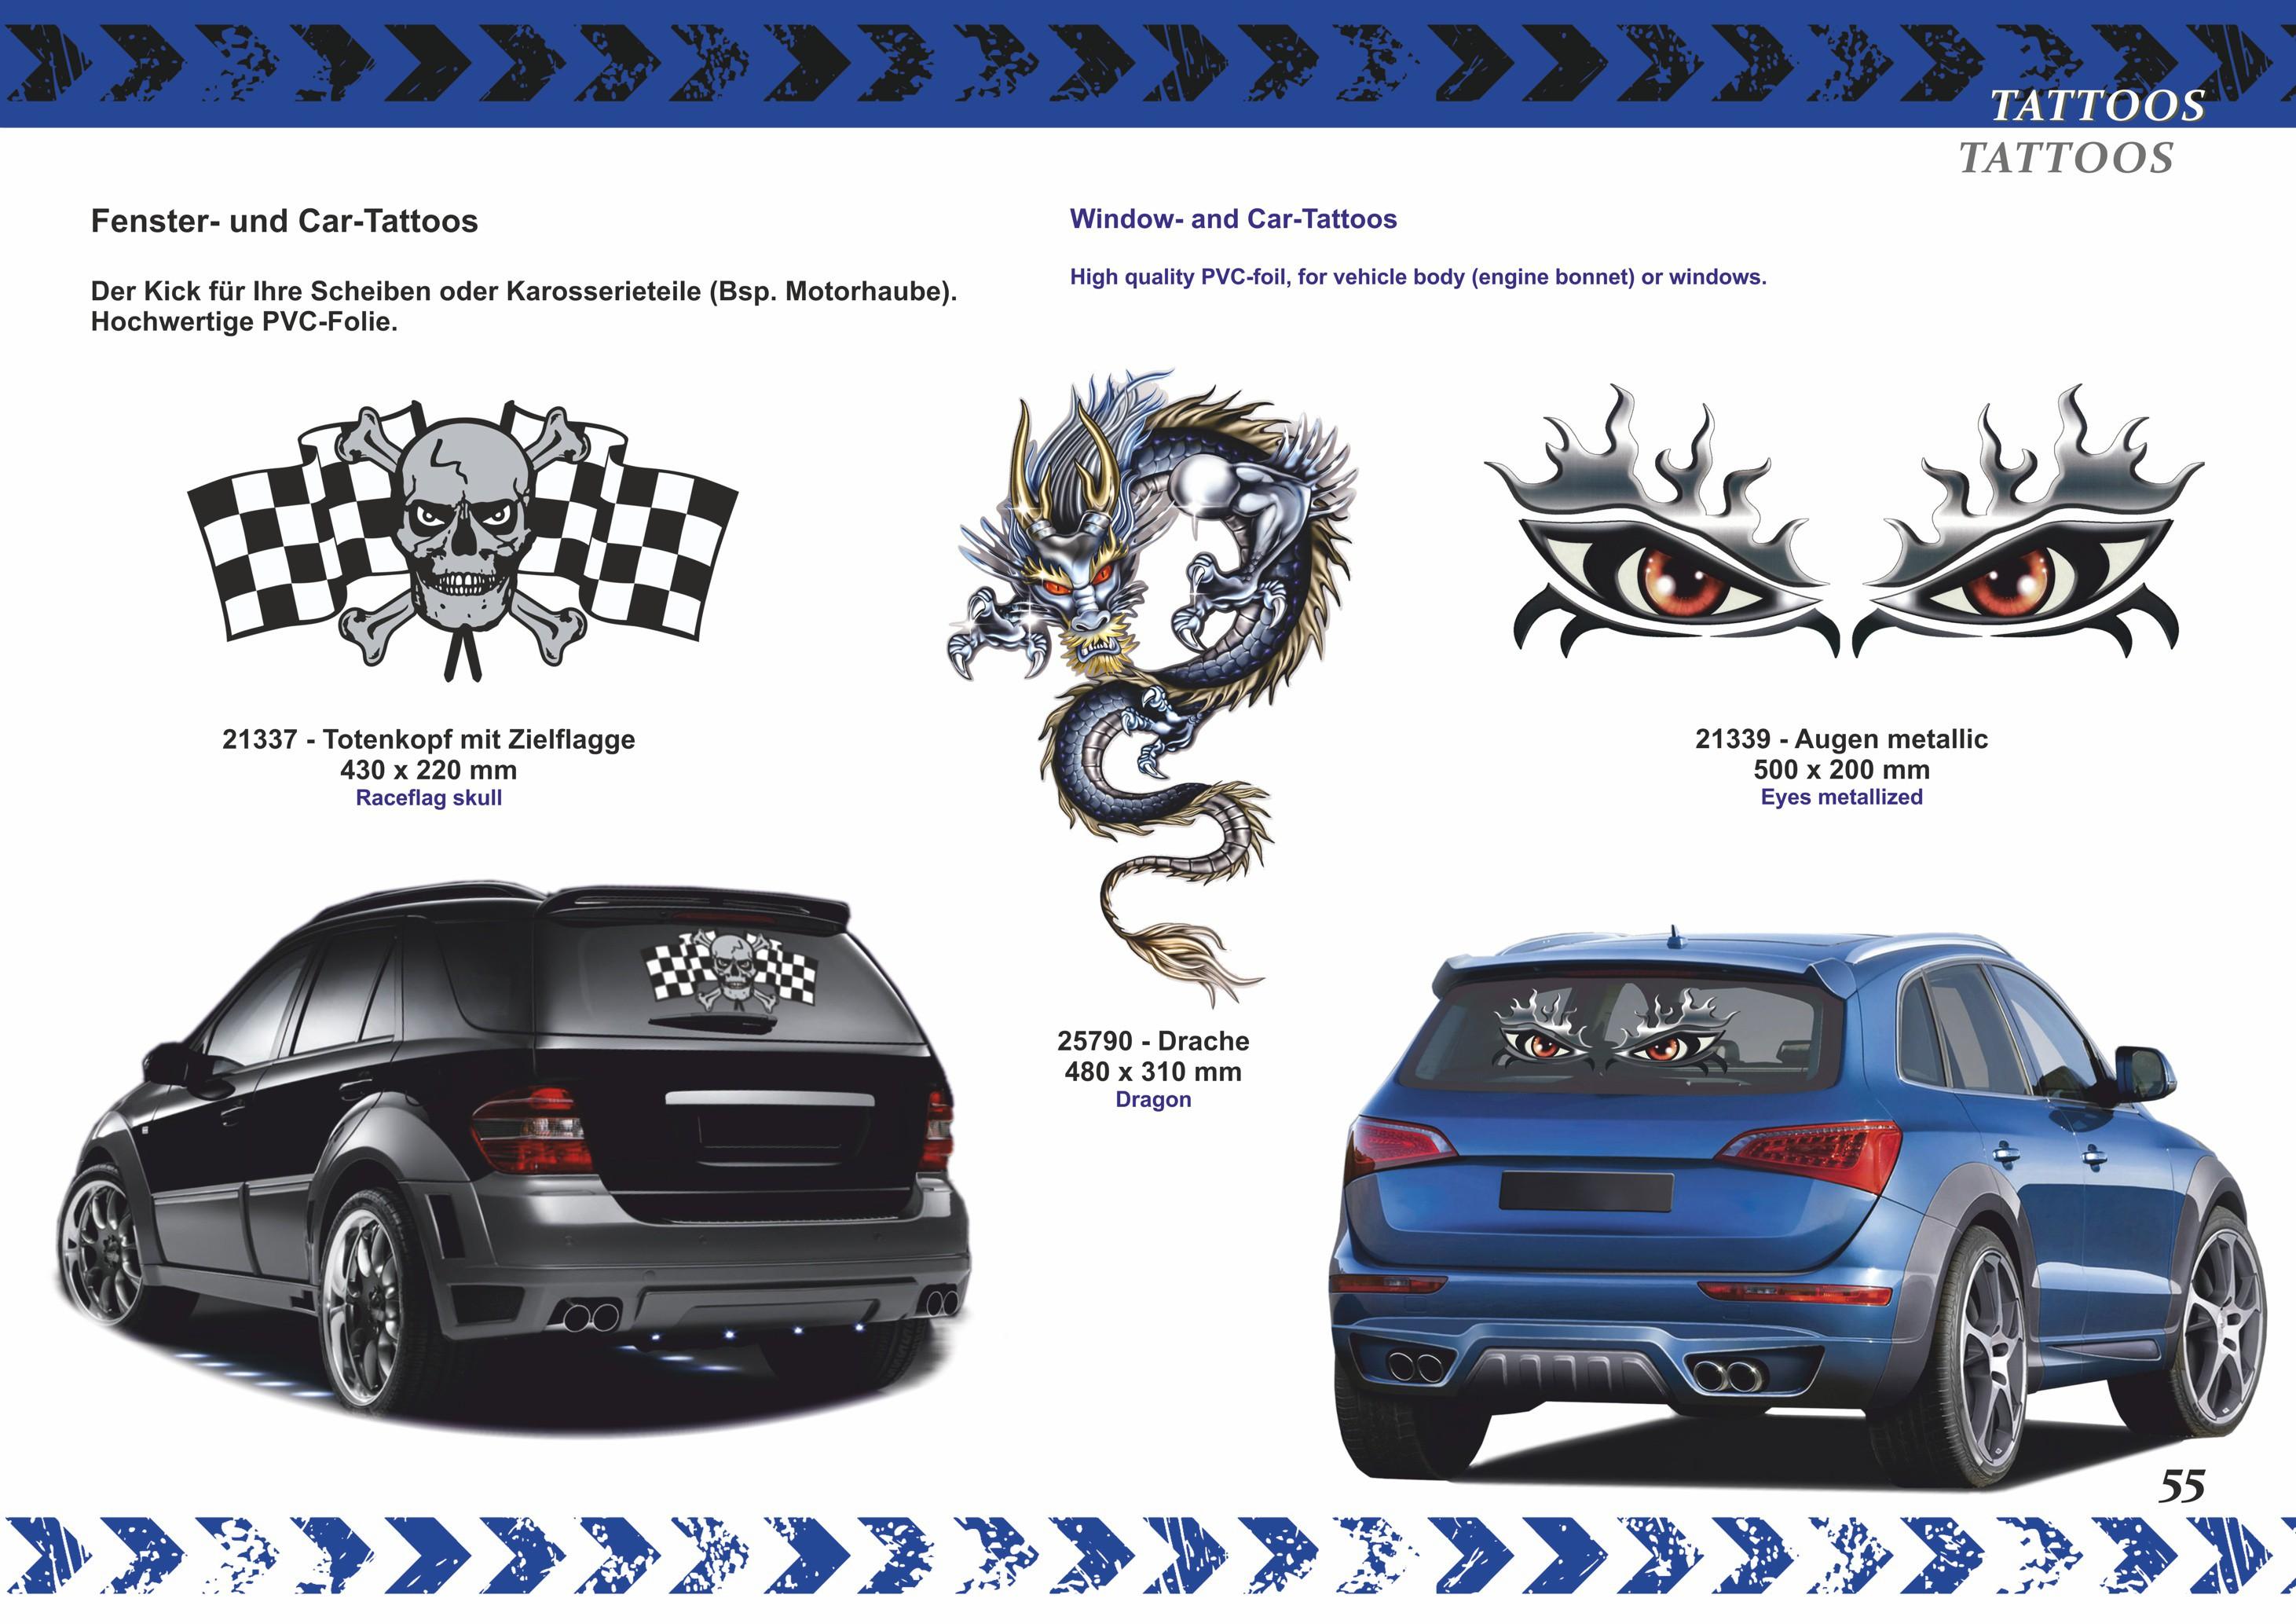 Fenster- und Car-Tattoo Augen metallic – Bild 3